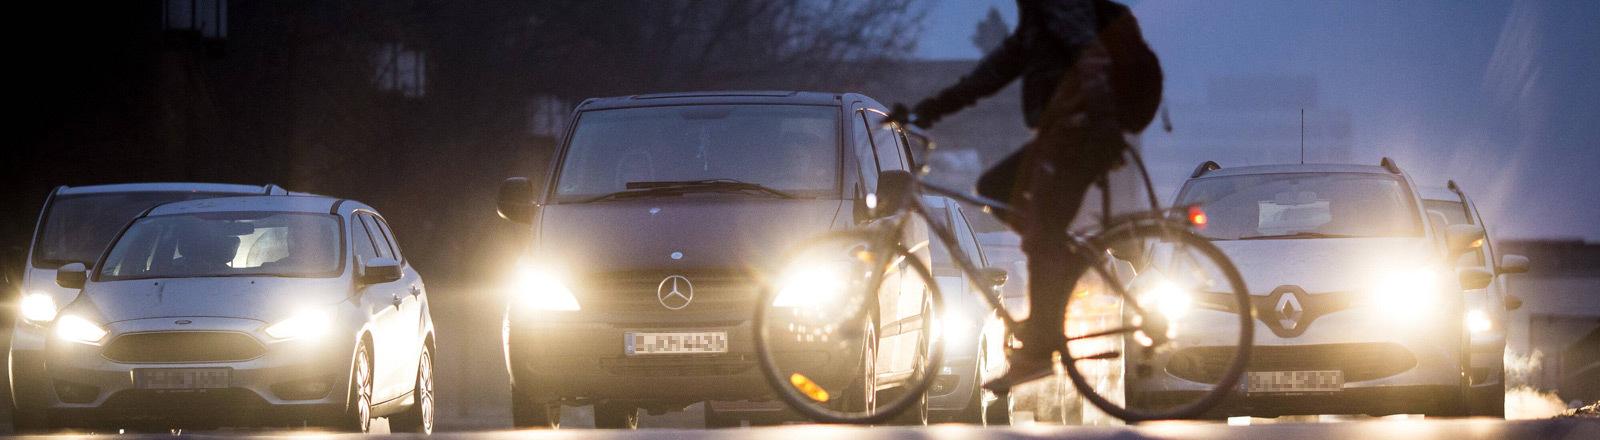 Ein Mann überquert mit seinem Fahrrad eine Straße mit wartenden Autos.